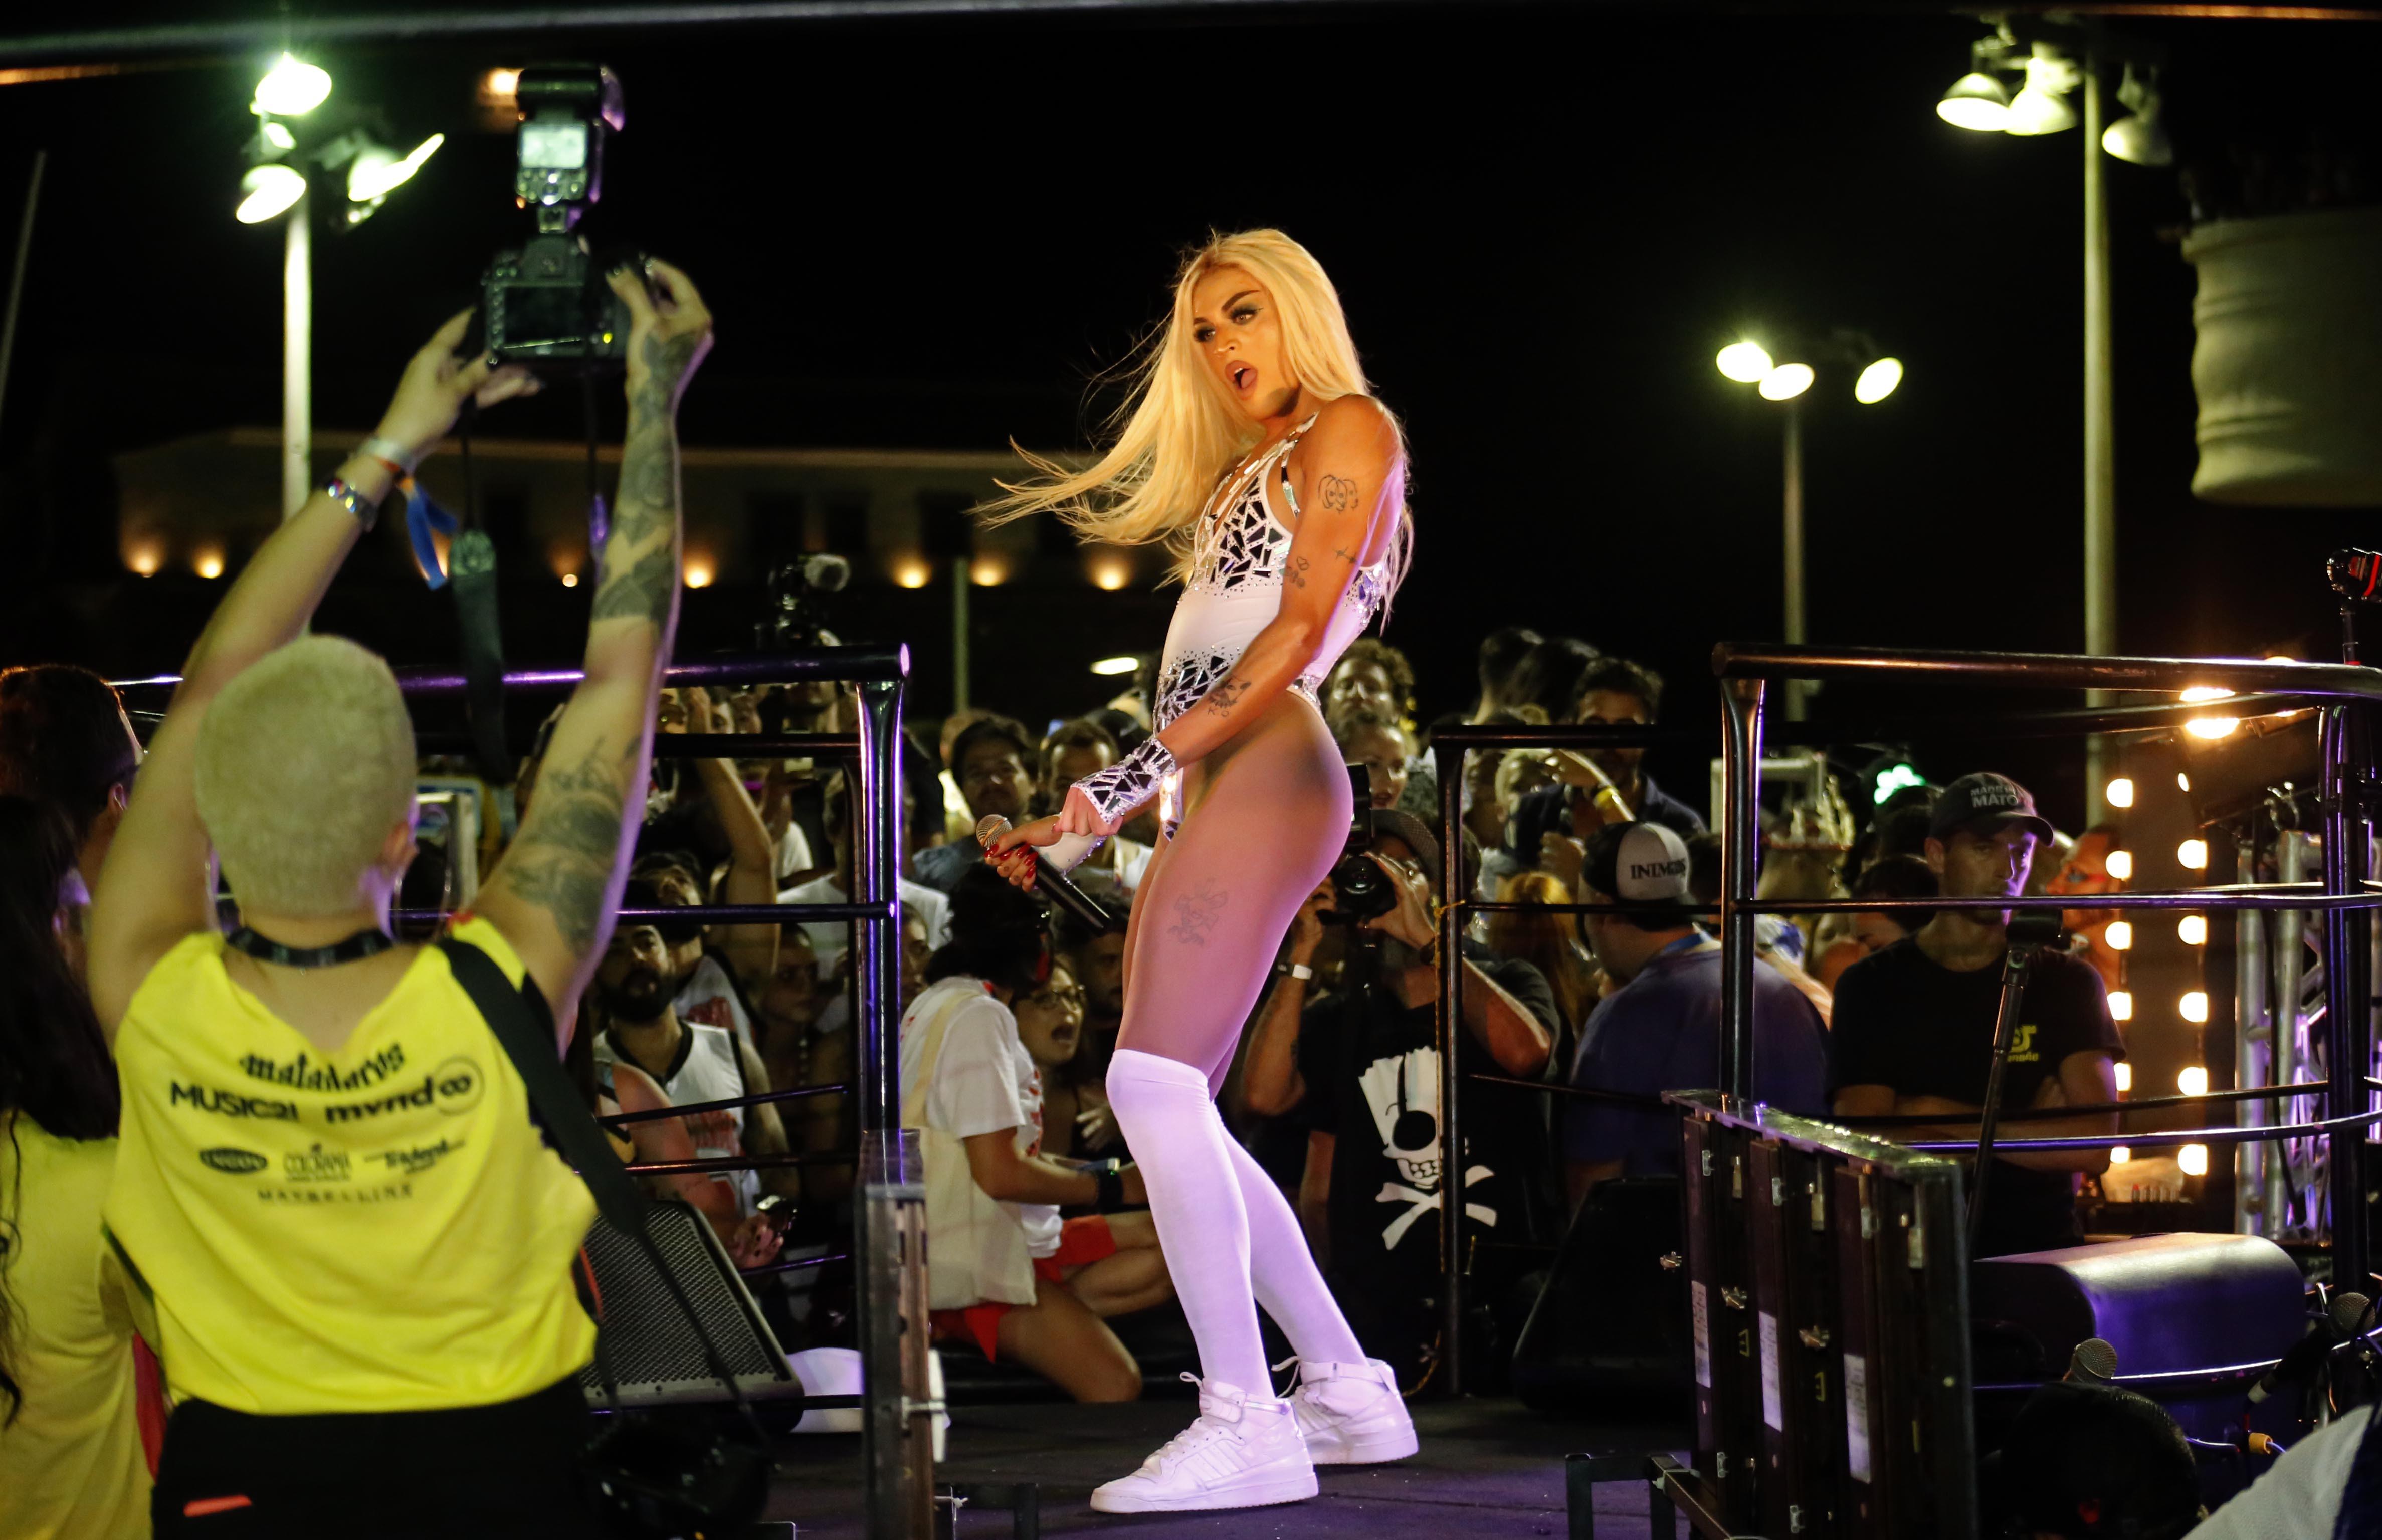 Pabllo Vittar se veste de Marilyn Monroe e usa prótese de silicone